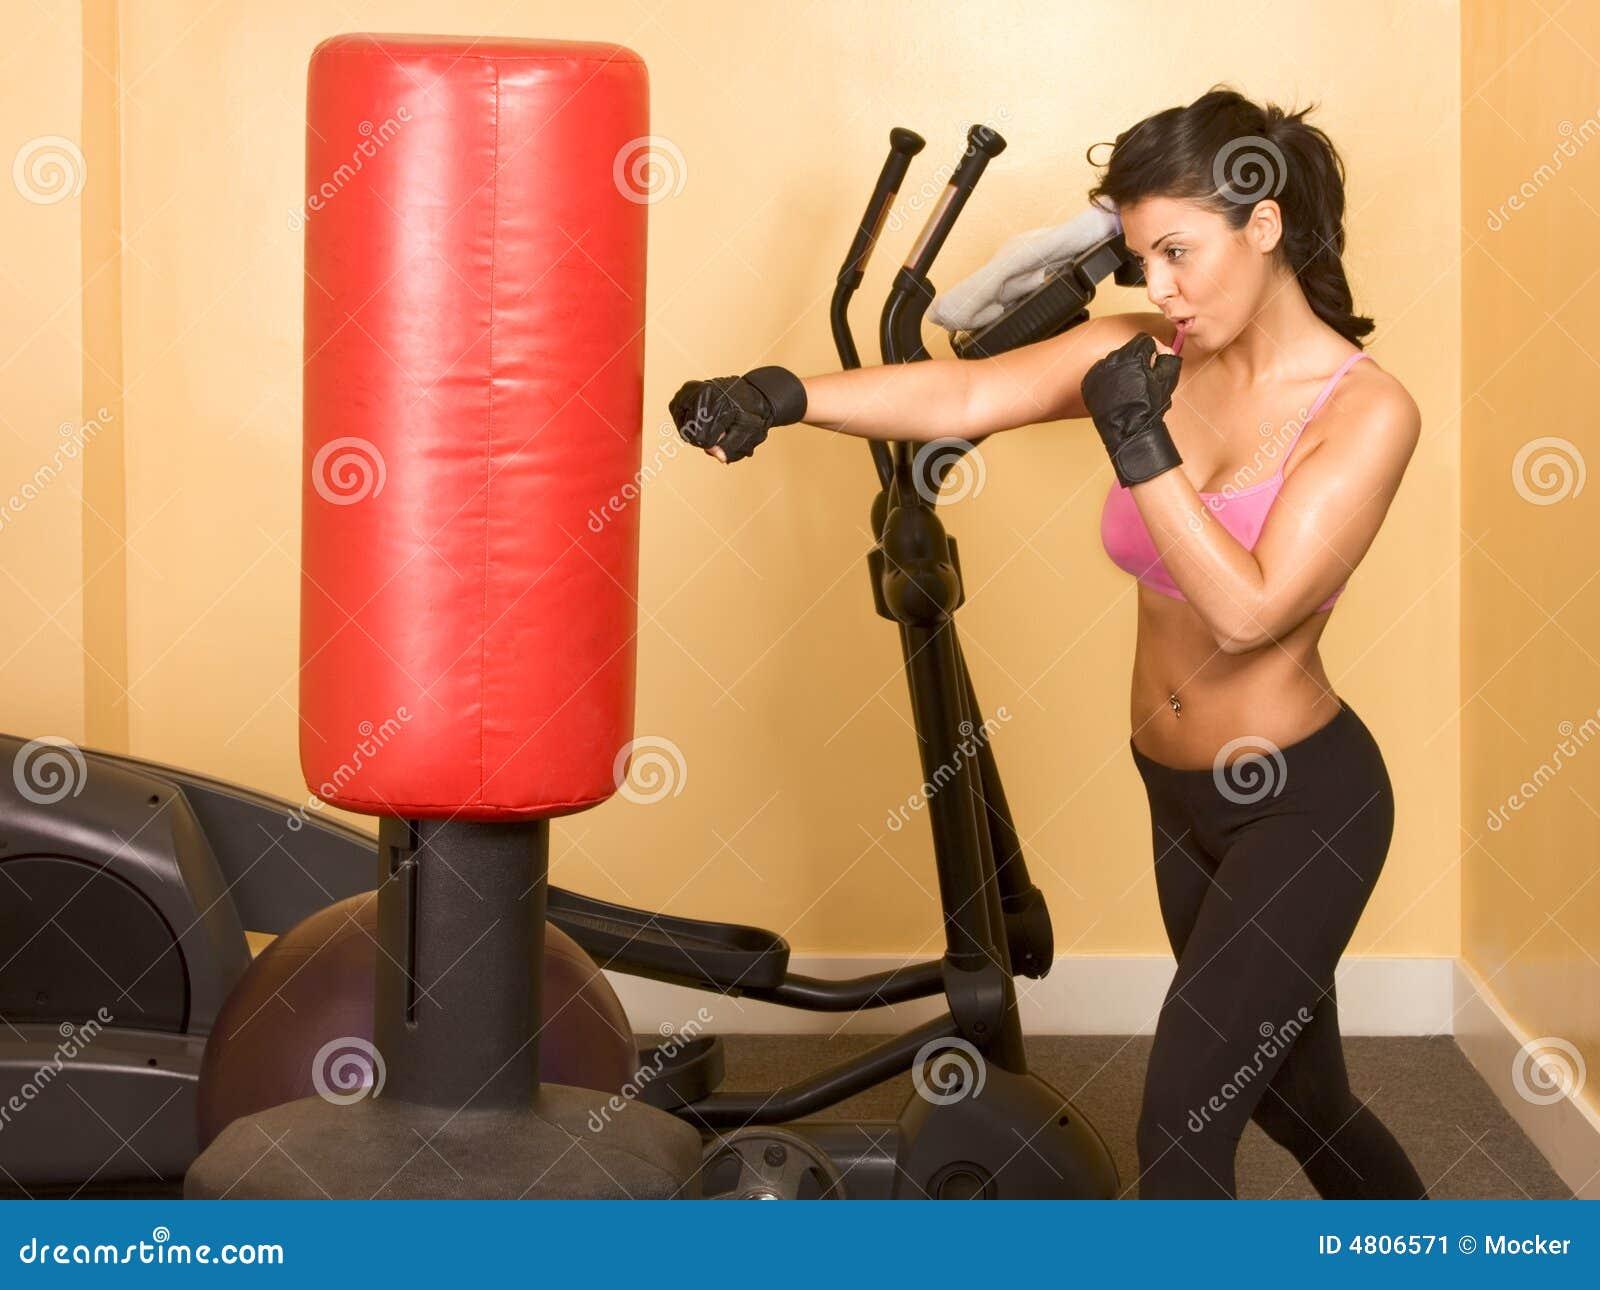 тренировка с грушей для похудения